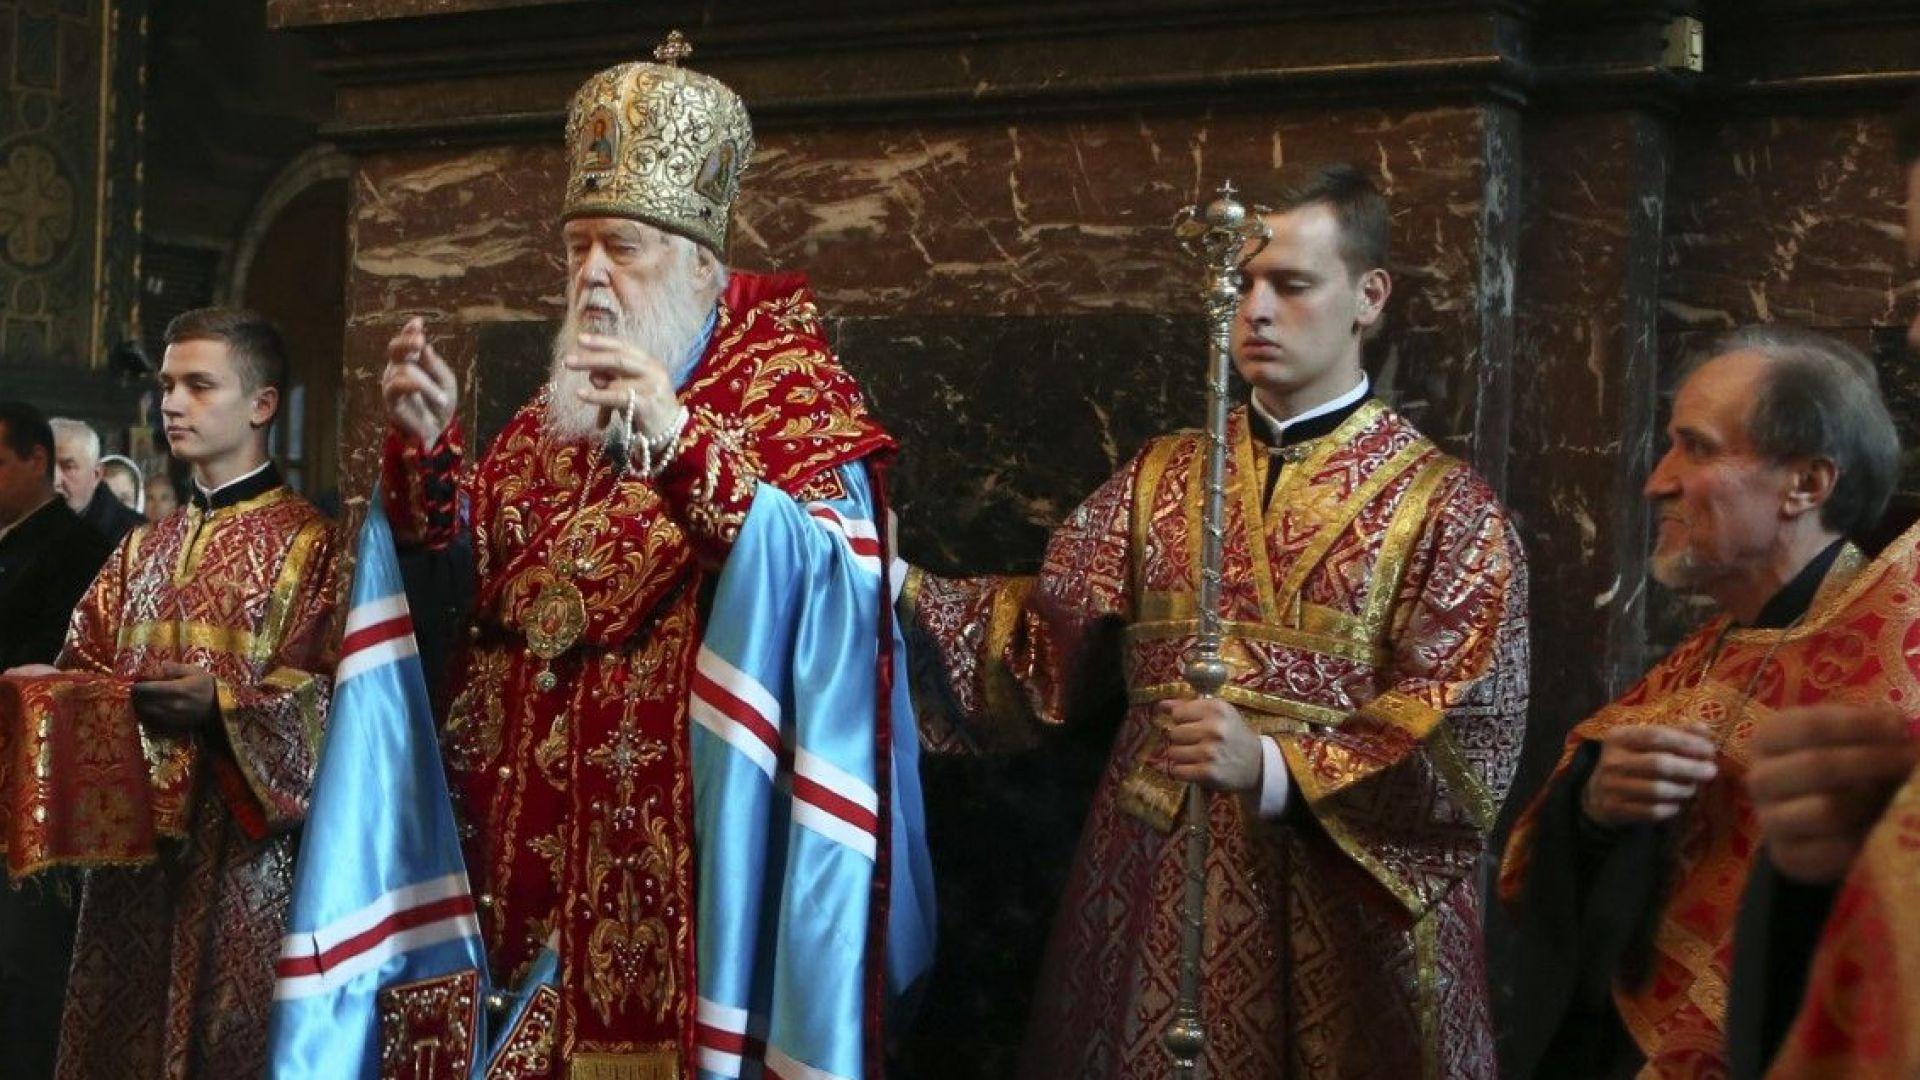 Експерт: Московската патриаршия изведнъж остана в изолация